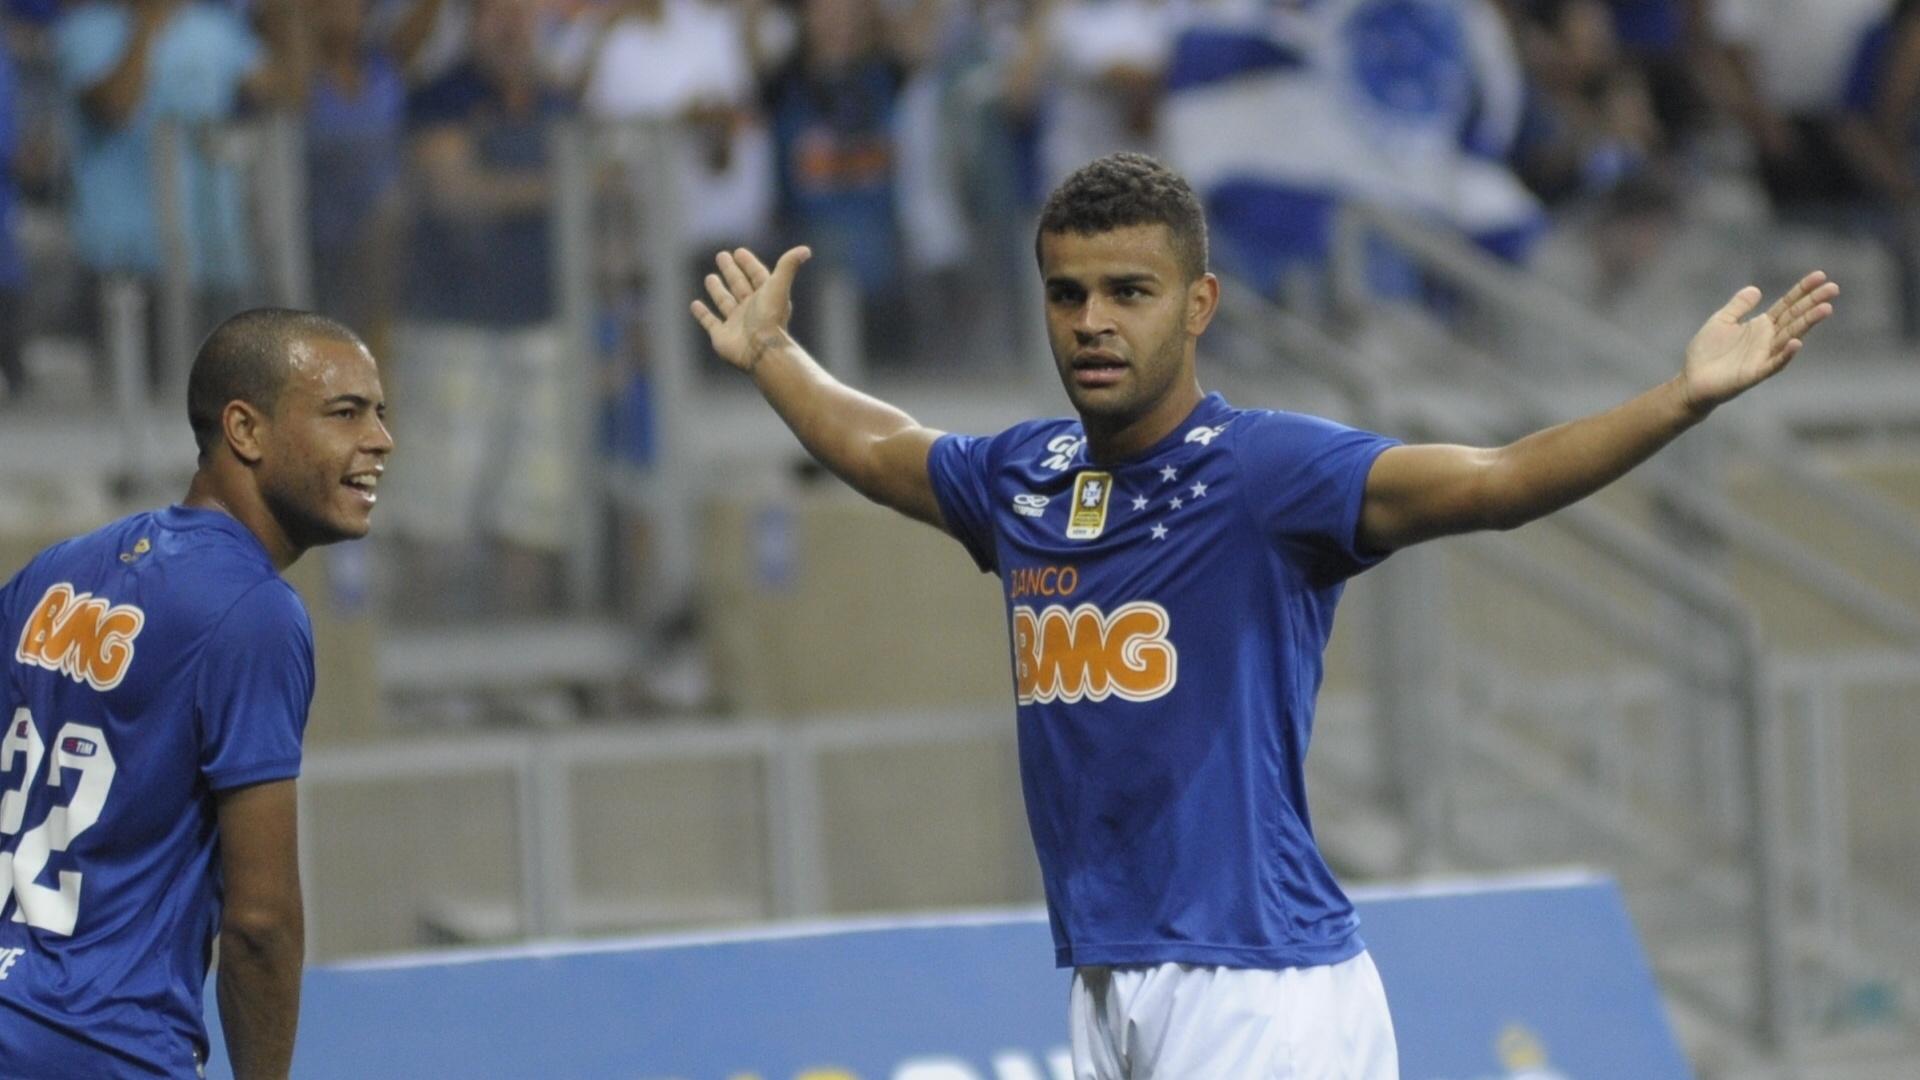 Alisson comemora gol do Cruzeiro contra o Atlético-PR pelo Brasileirão